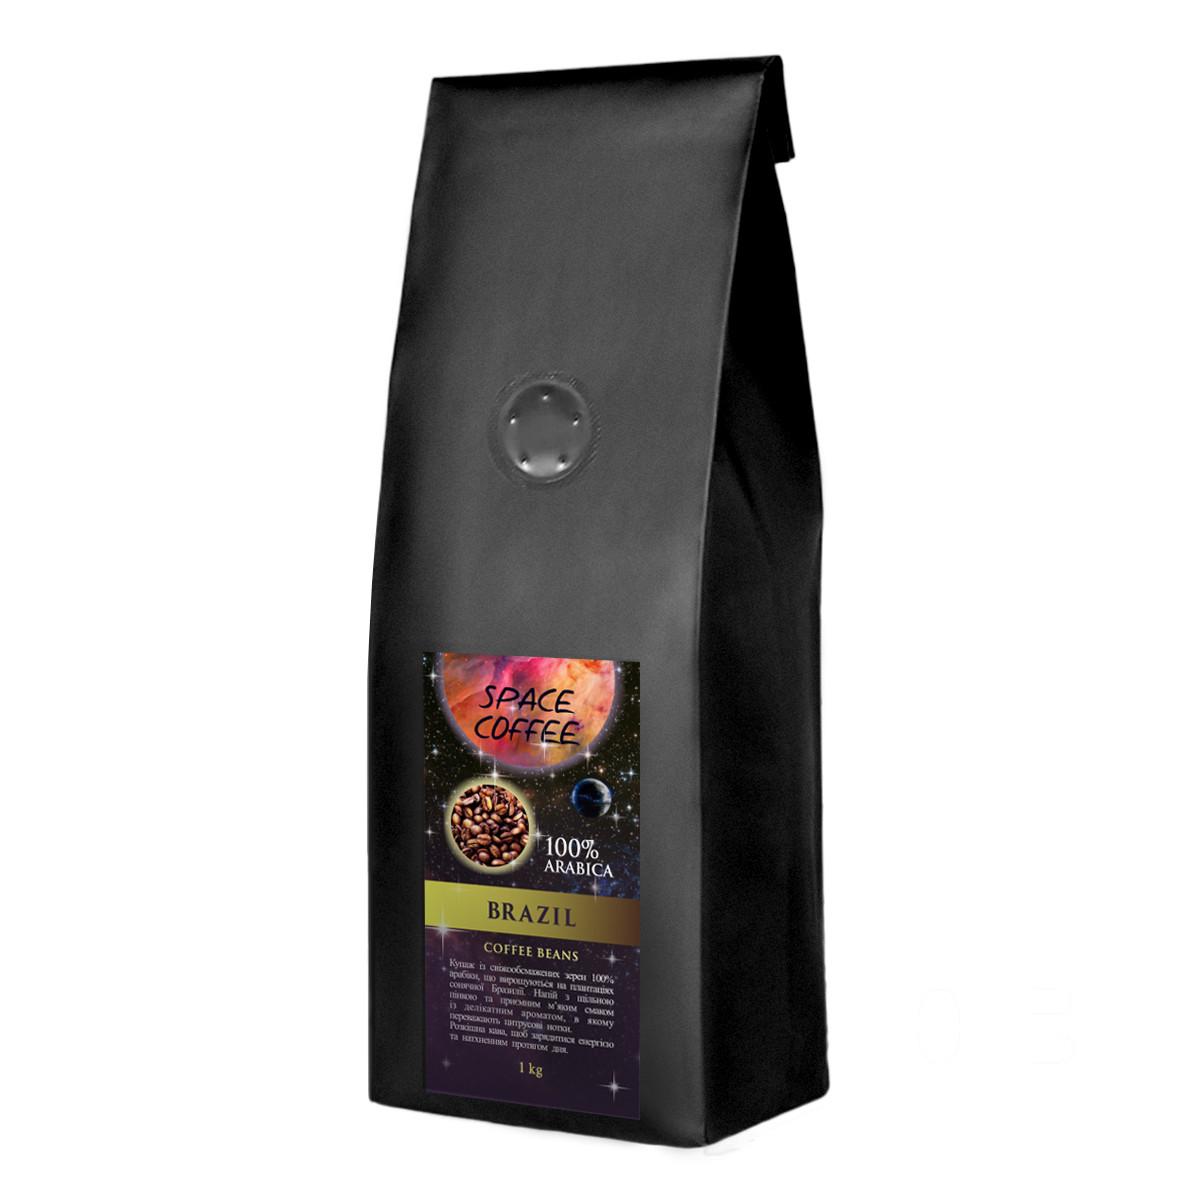 Свежеобжаренный зерновой кофе Space Coffee Brazil 100% арабика 1000 грамм